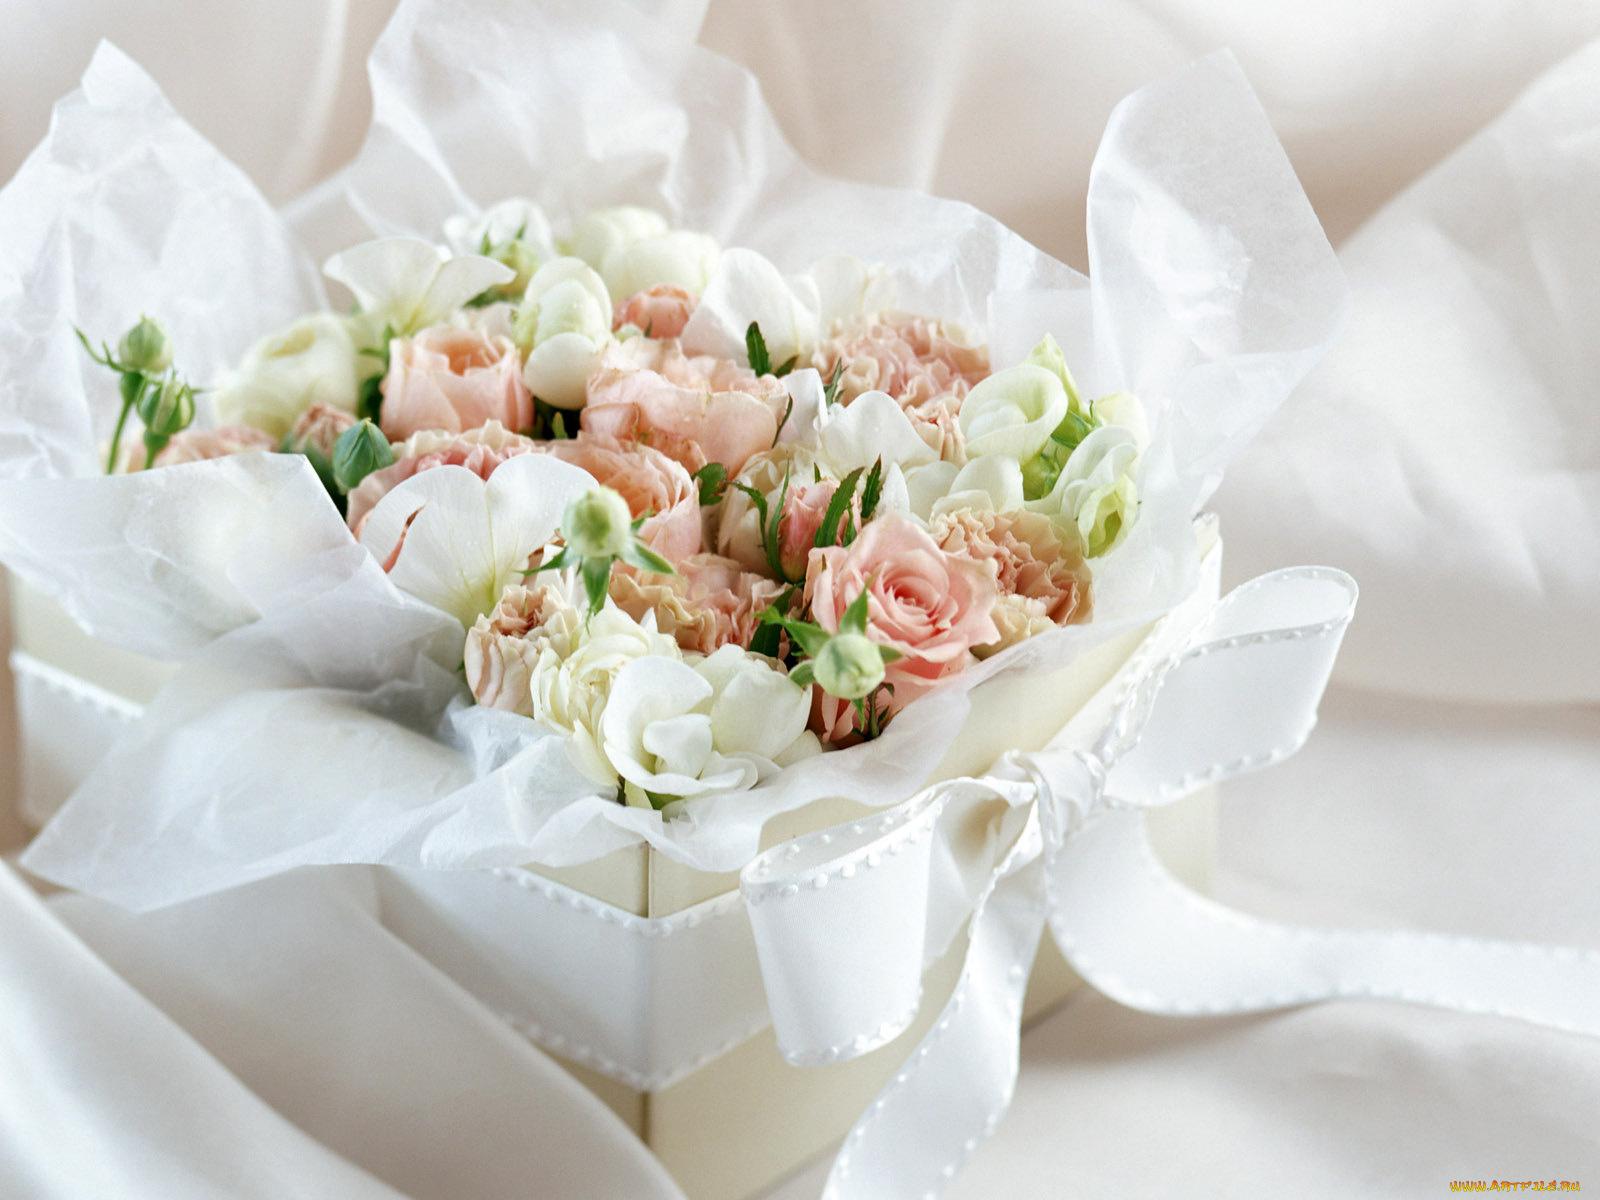 Надписью, открытка с днем рождения женщине цветы нежные